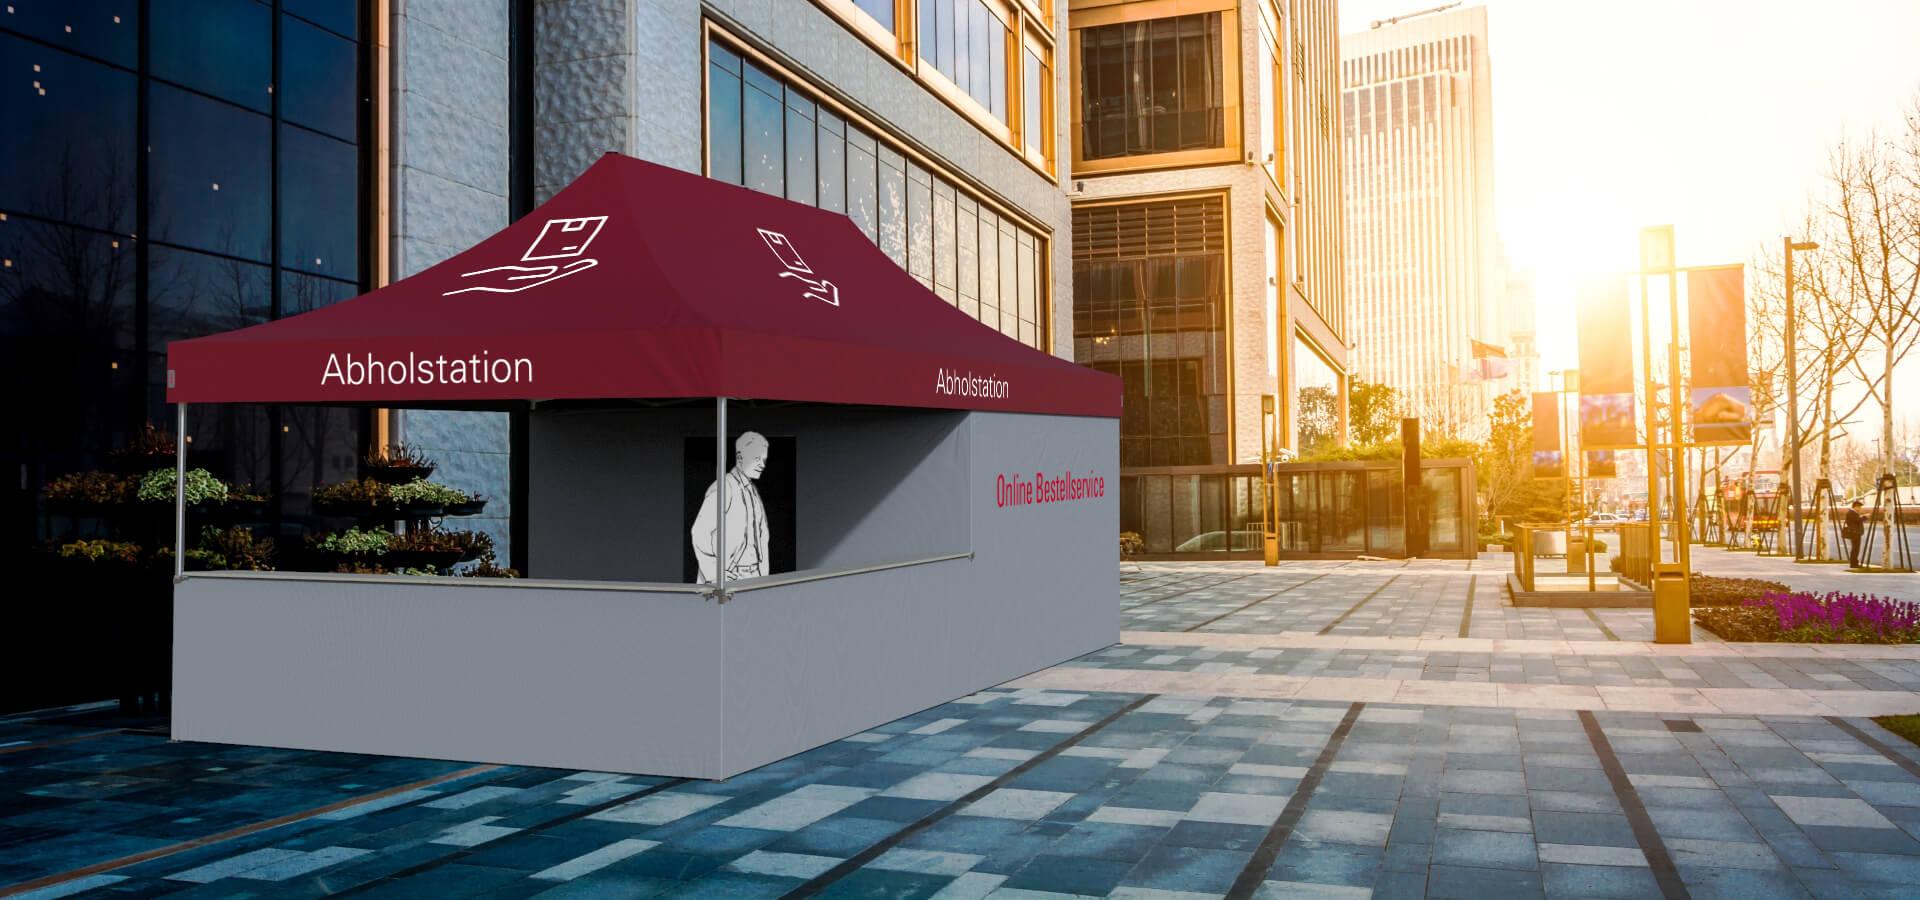 Ein 3D-Rendering der Abholstation in der Stadt. Ein Mann steht hinter der Theke.